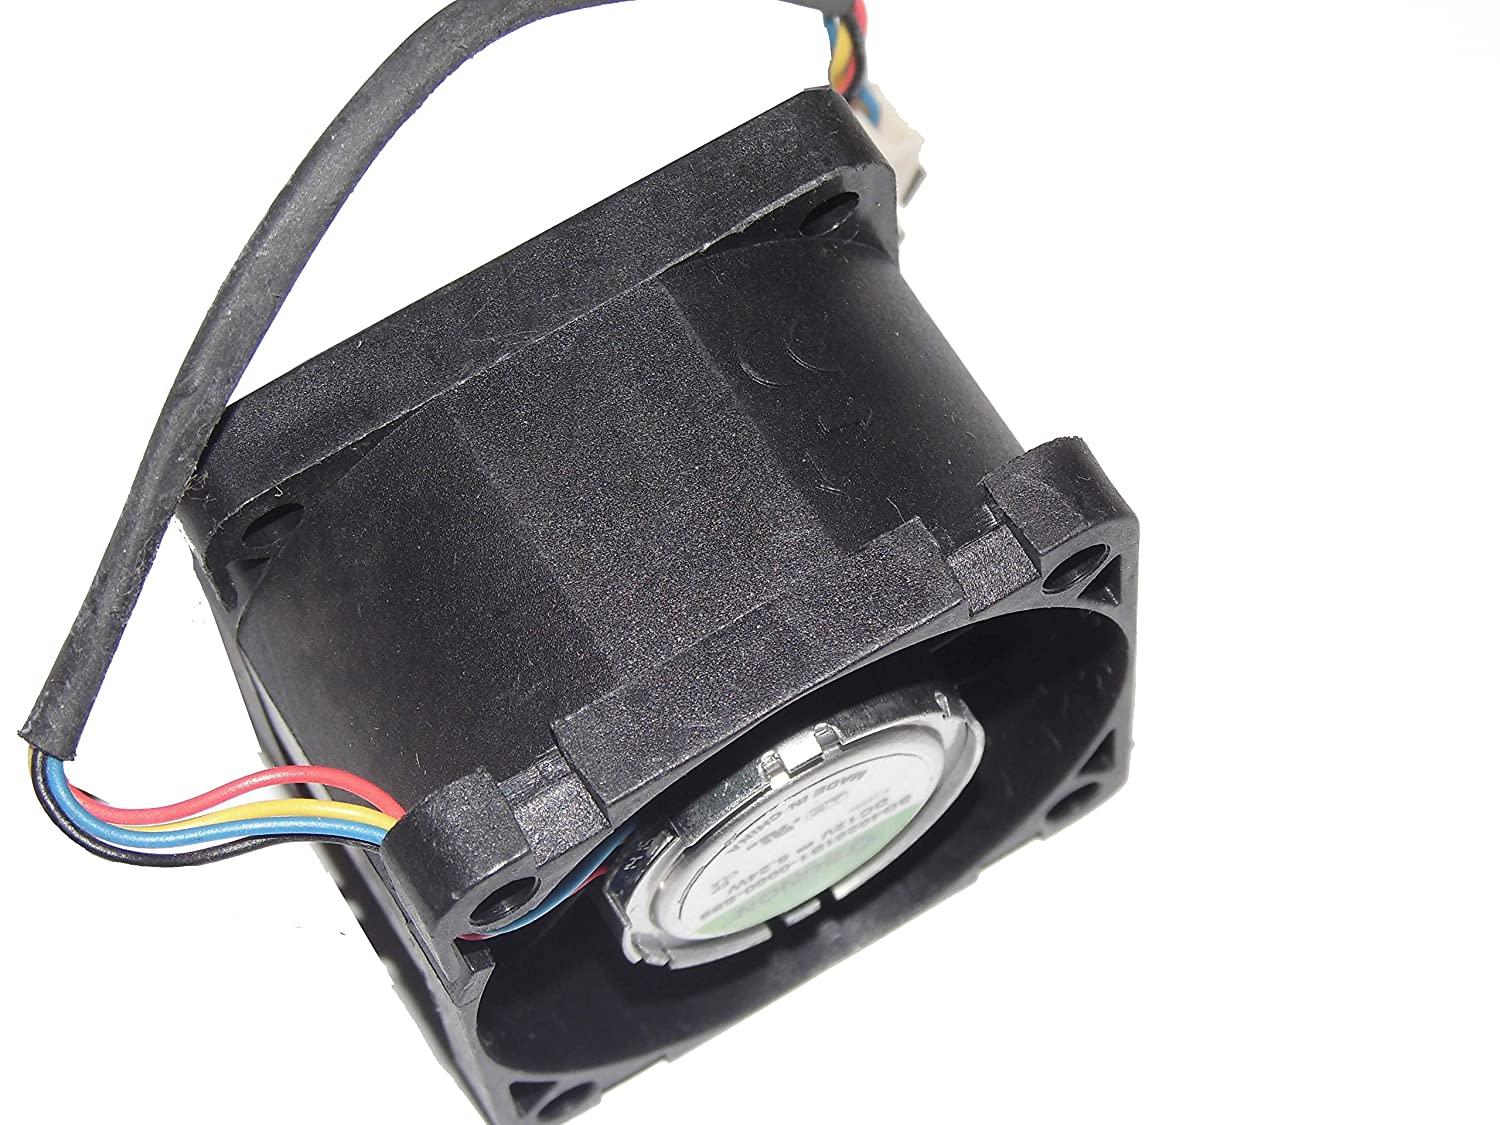 40x40x28mm SG40281B1-0000-S99 12V 6.24W 4Wire 4cm Cooling Fan